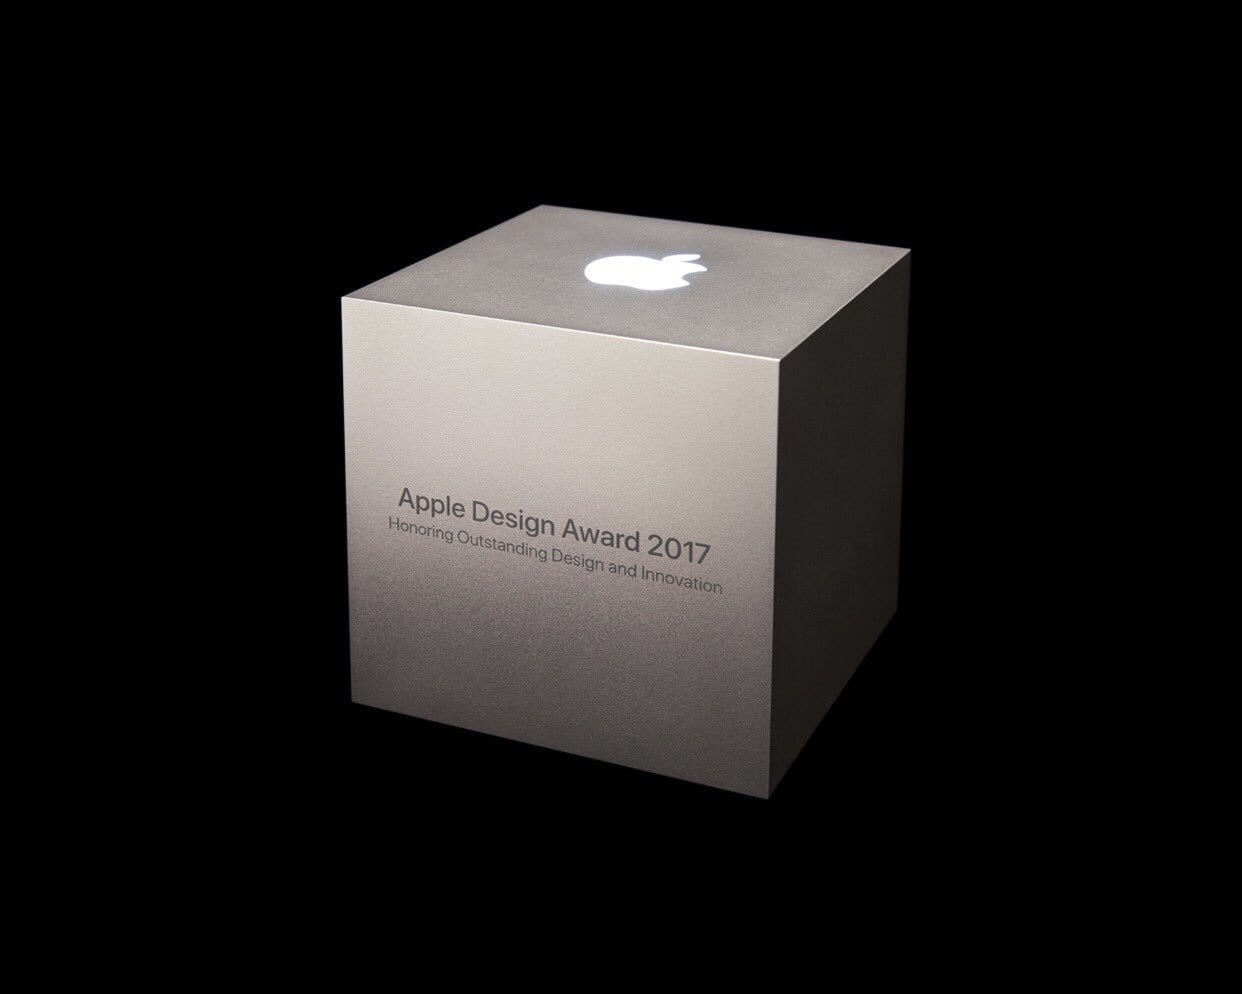 Apple запланировала ещё одно мероприятие в этом году (2019 11 19 12 15 11)